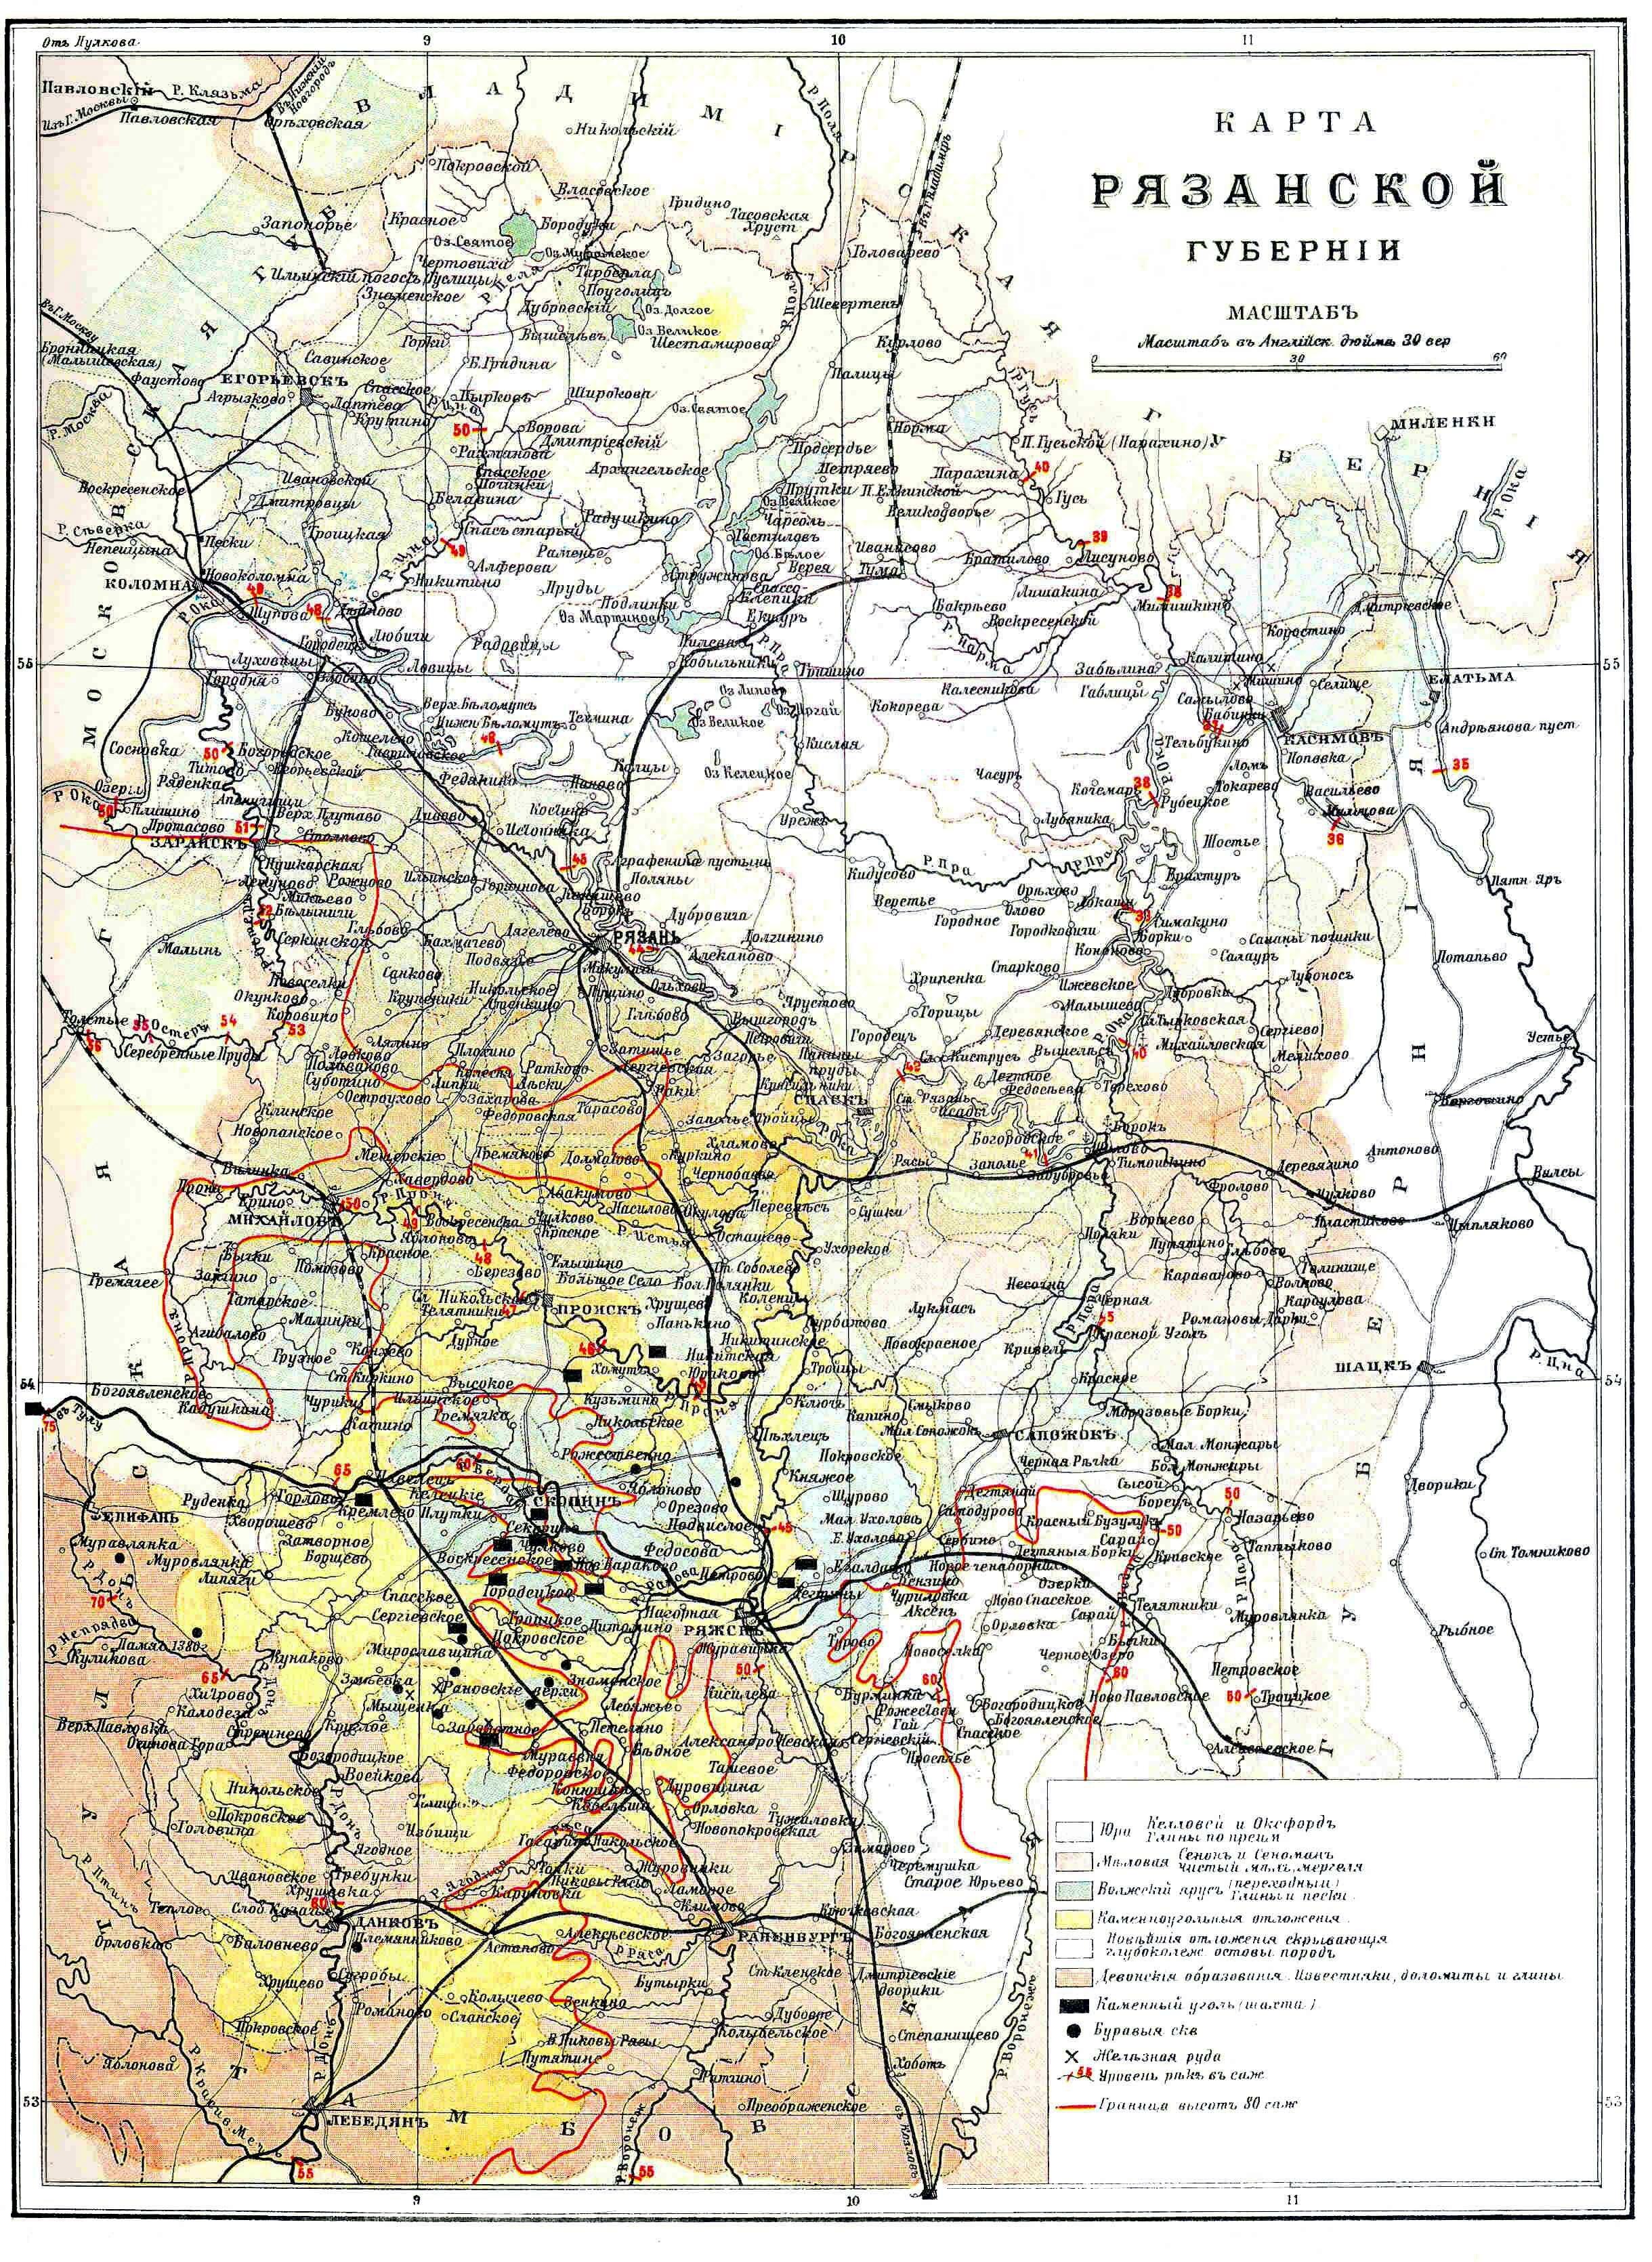 хочешь платить, карта рязанской губернии 18 века Меладзе:первые